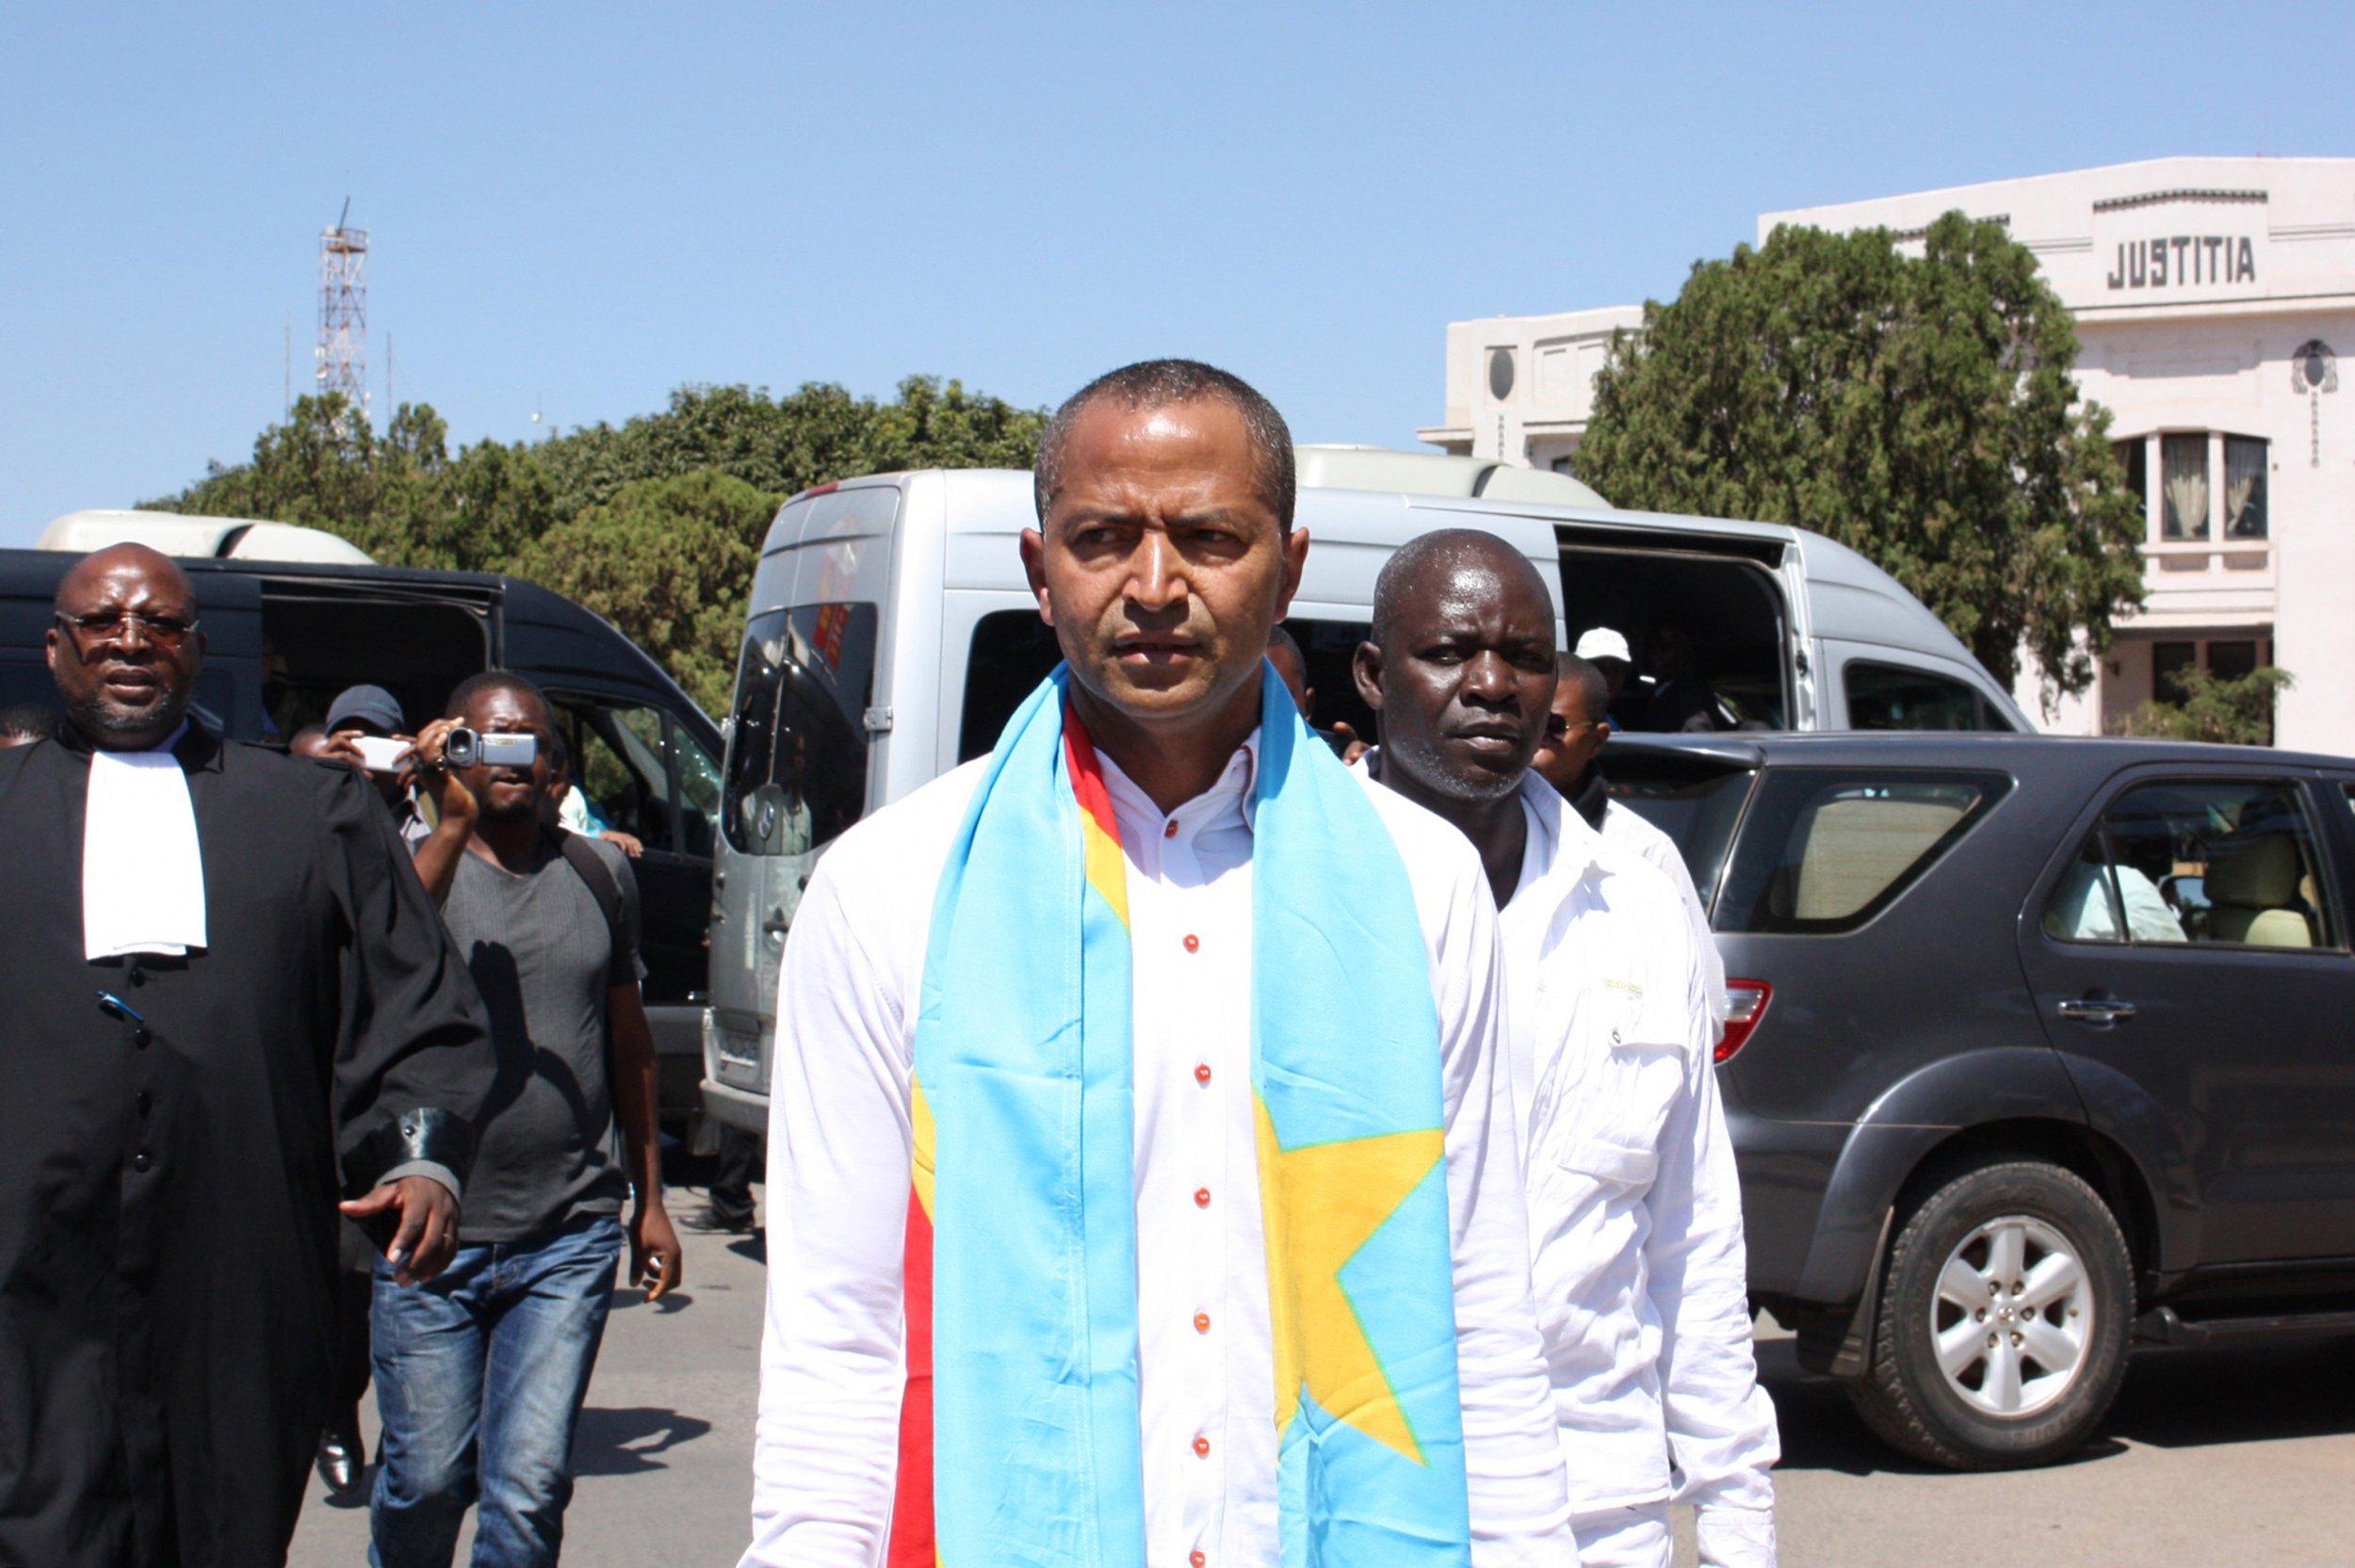 Congo's Moise Katumbi